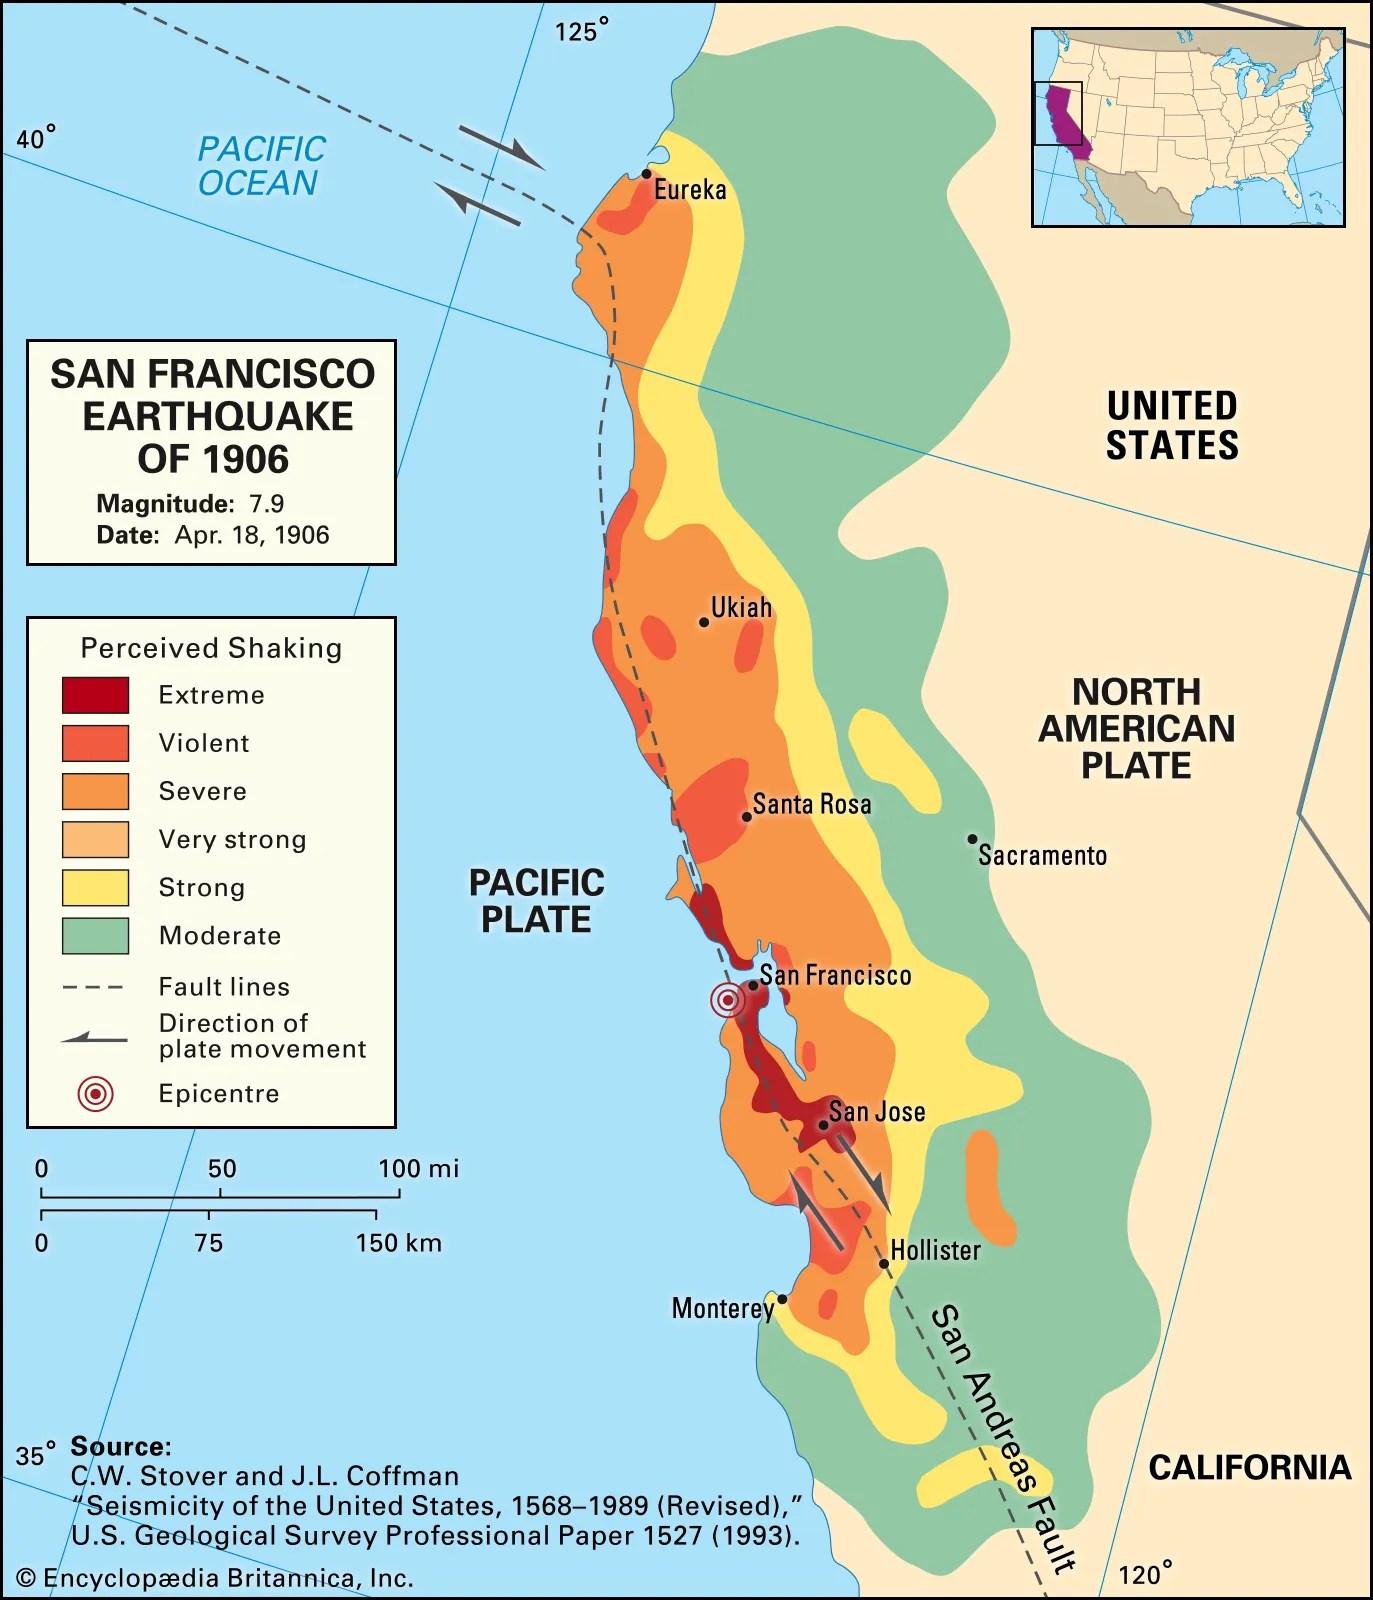 San Francisco Earthquake Of